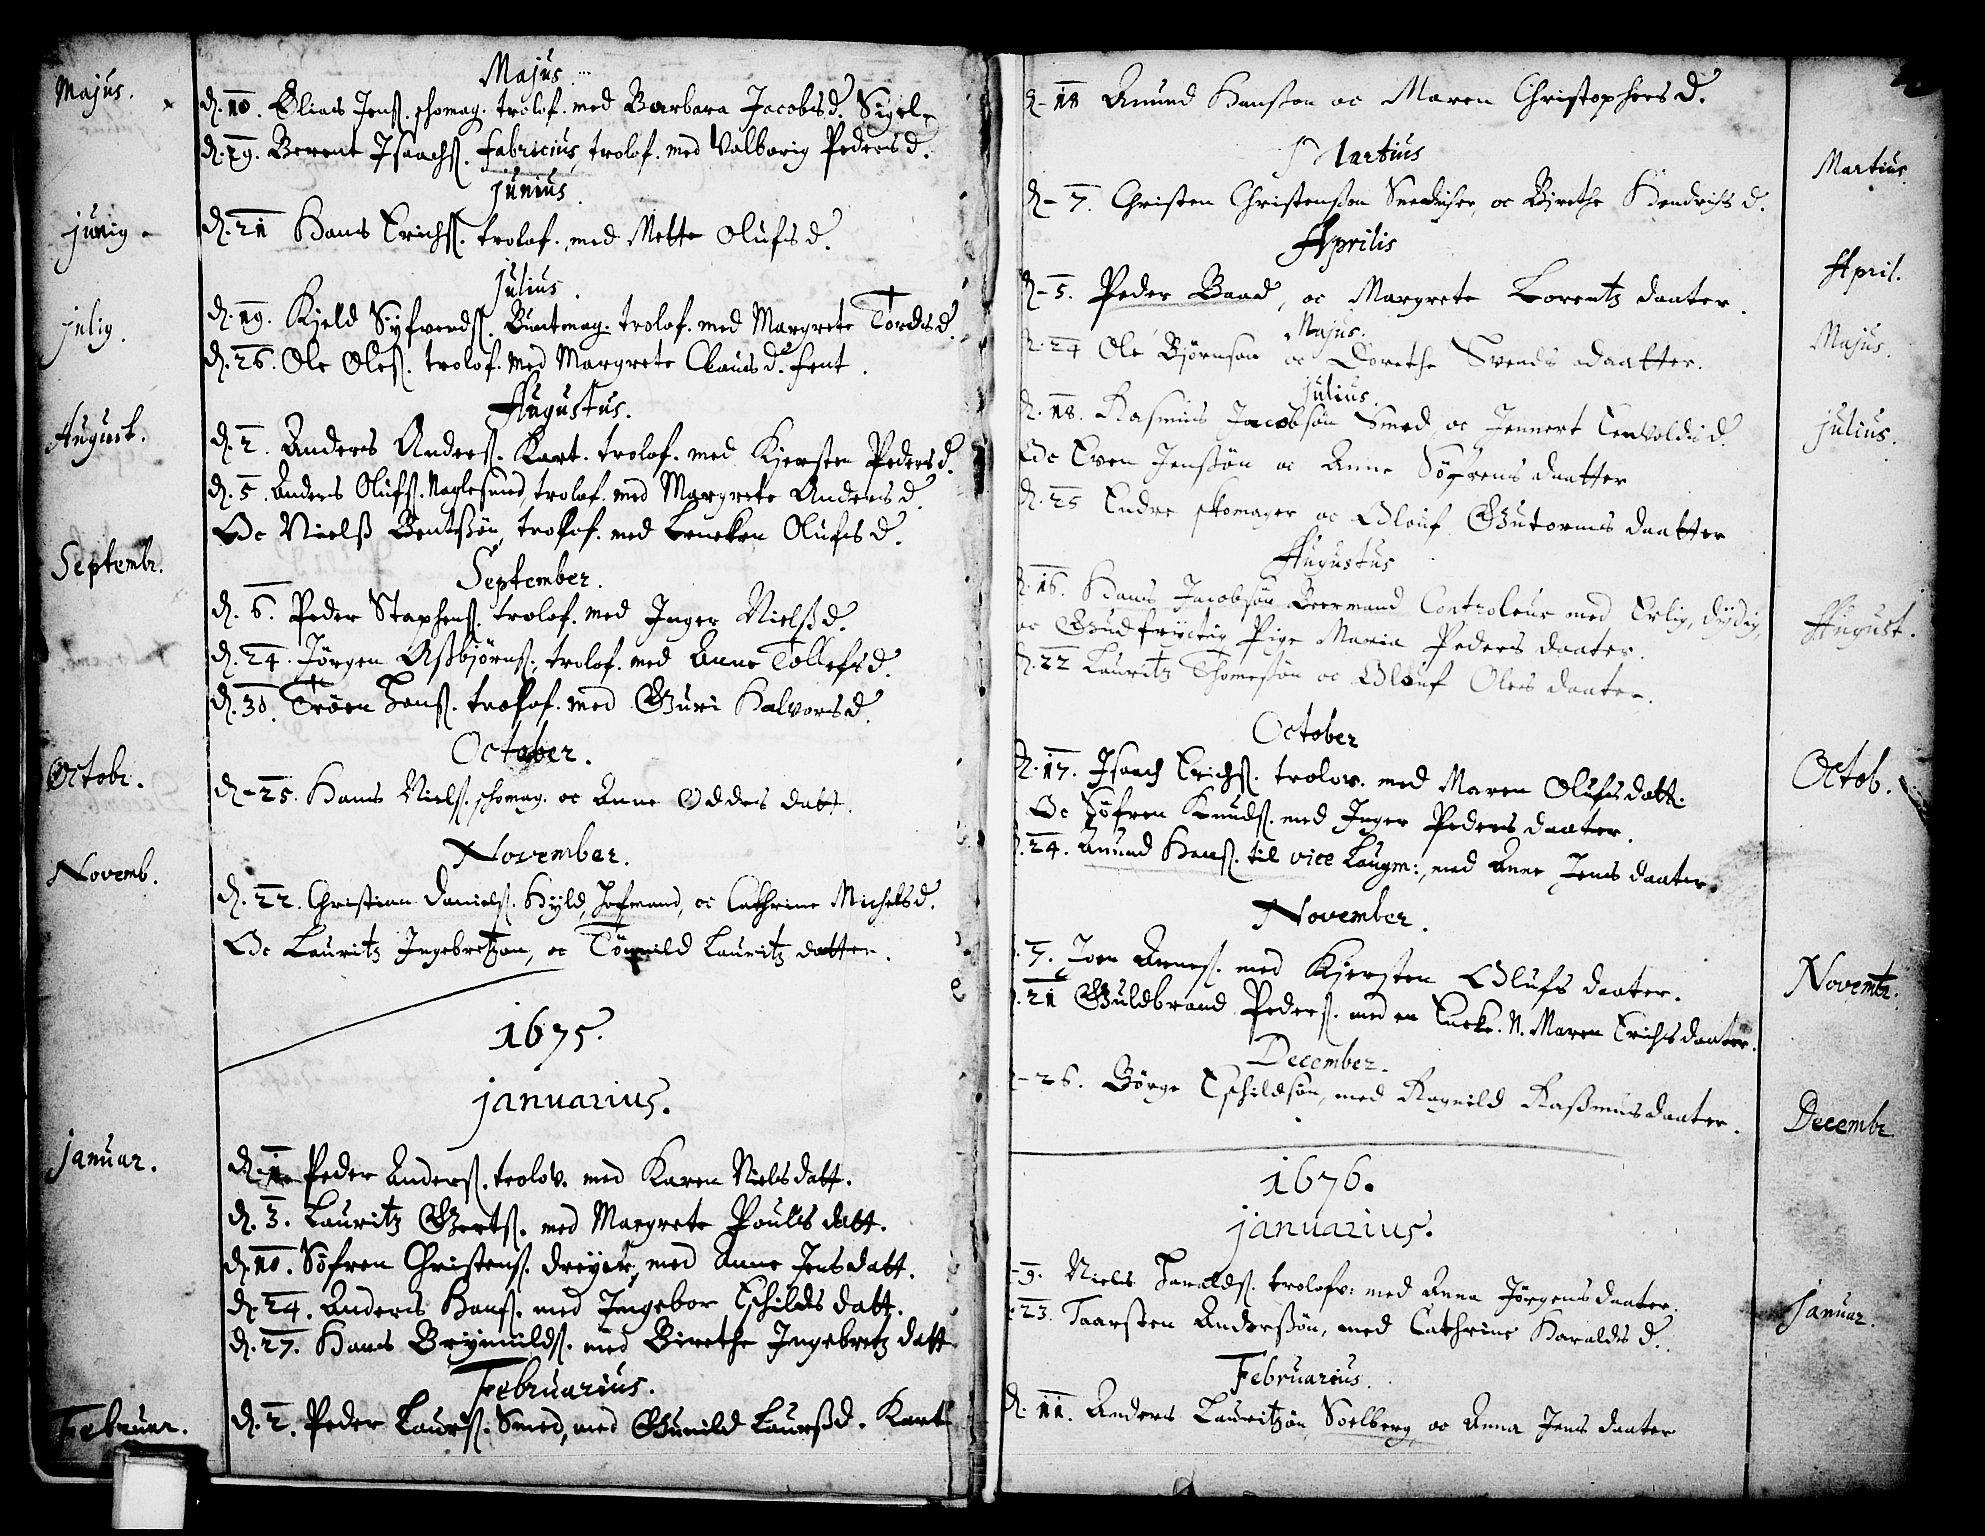 SAKO, Skien kirkebøker, F/Fa/L0001: Ministerialbok nr. 1, 1659-1679, s. 13